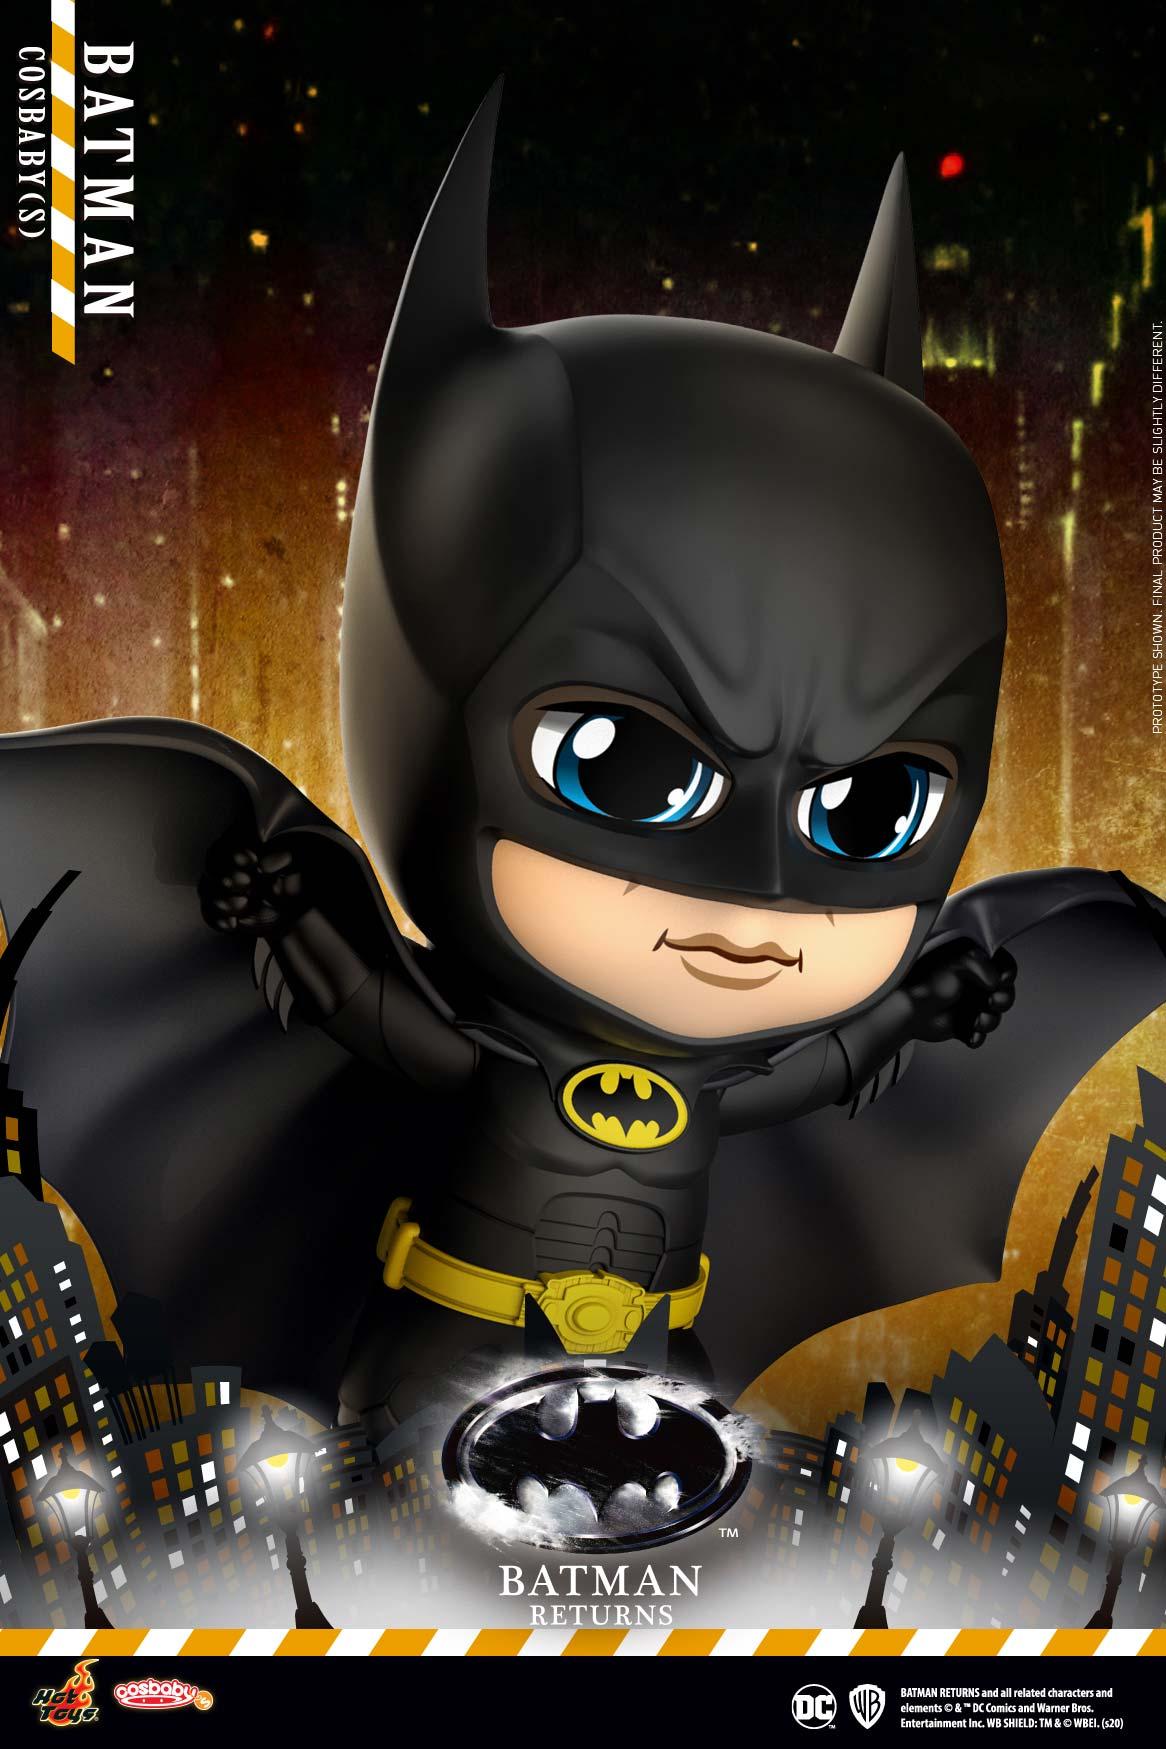 Batman-Returns_COSB714_Batman_V02